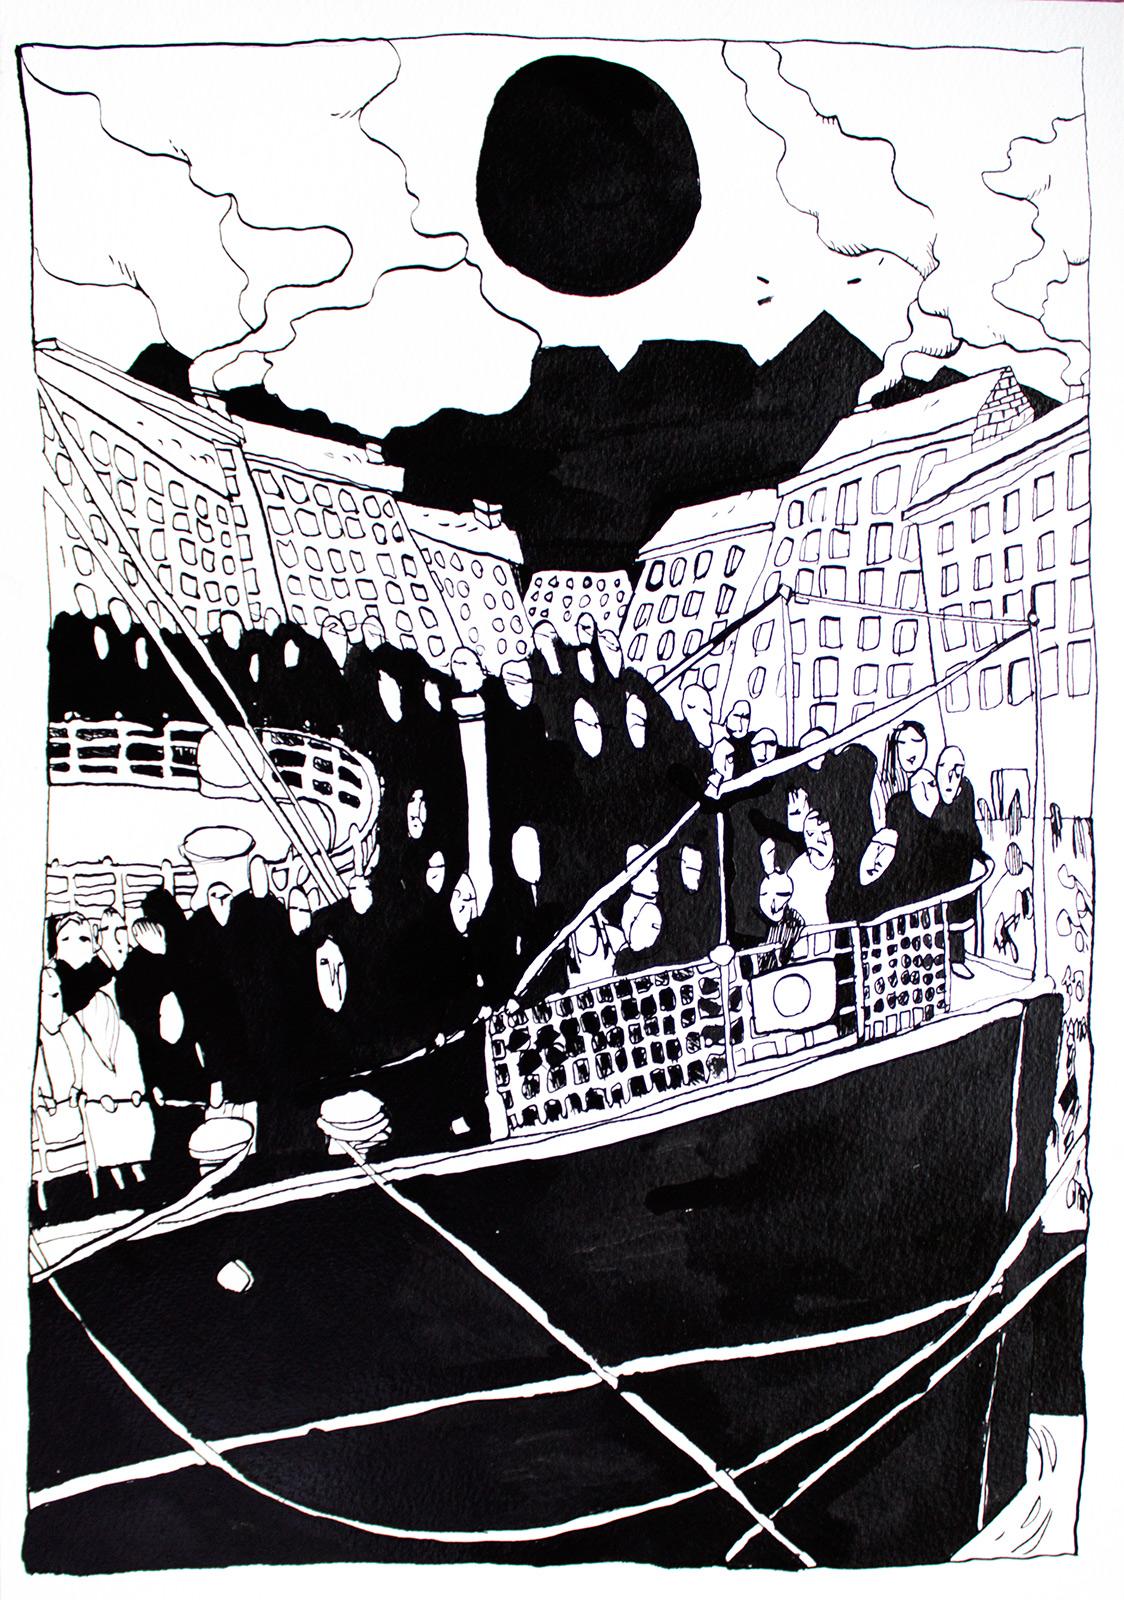 tegninger, grafiske, illustrative, monokrome, portræt, arkitektur, havet, sejlads, transportmidler, sorte, hvide, papir, tusch, sort-hvide, både, bygninger, fartøjer, Køb original kunst og kunstplakater. Malerier, tegninger, limited edition kunsttryk & plakater af dygtige kunstnere.